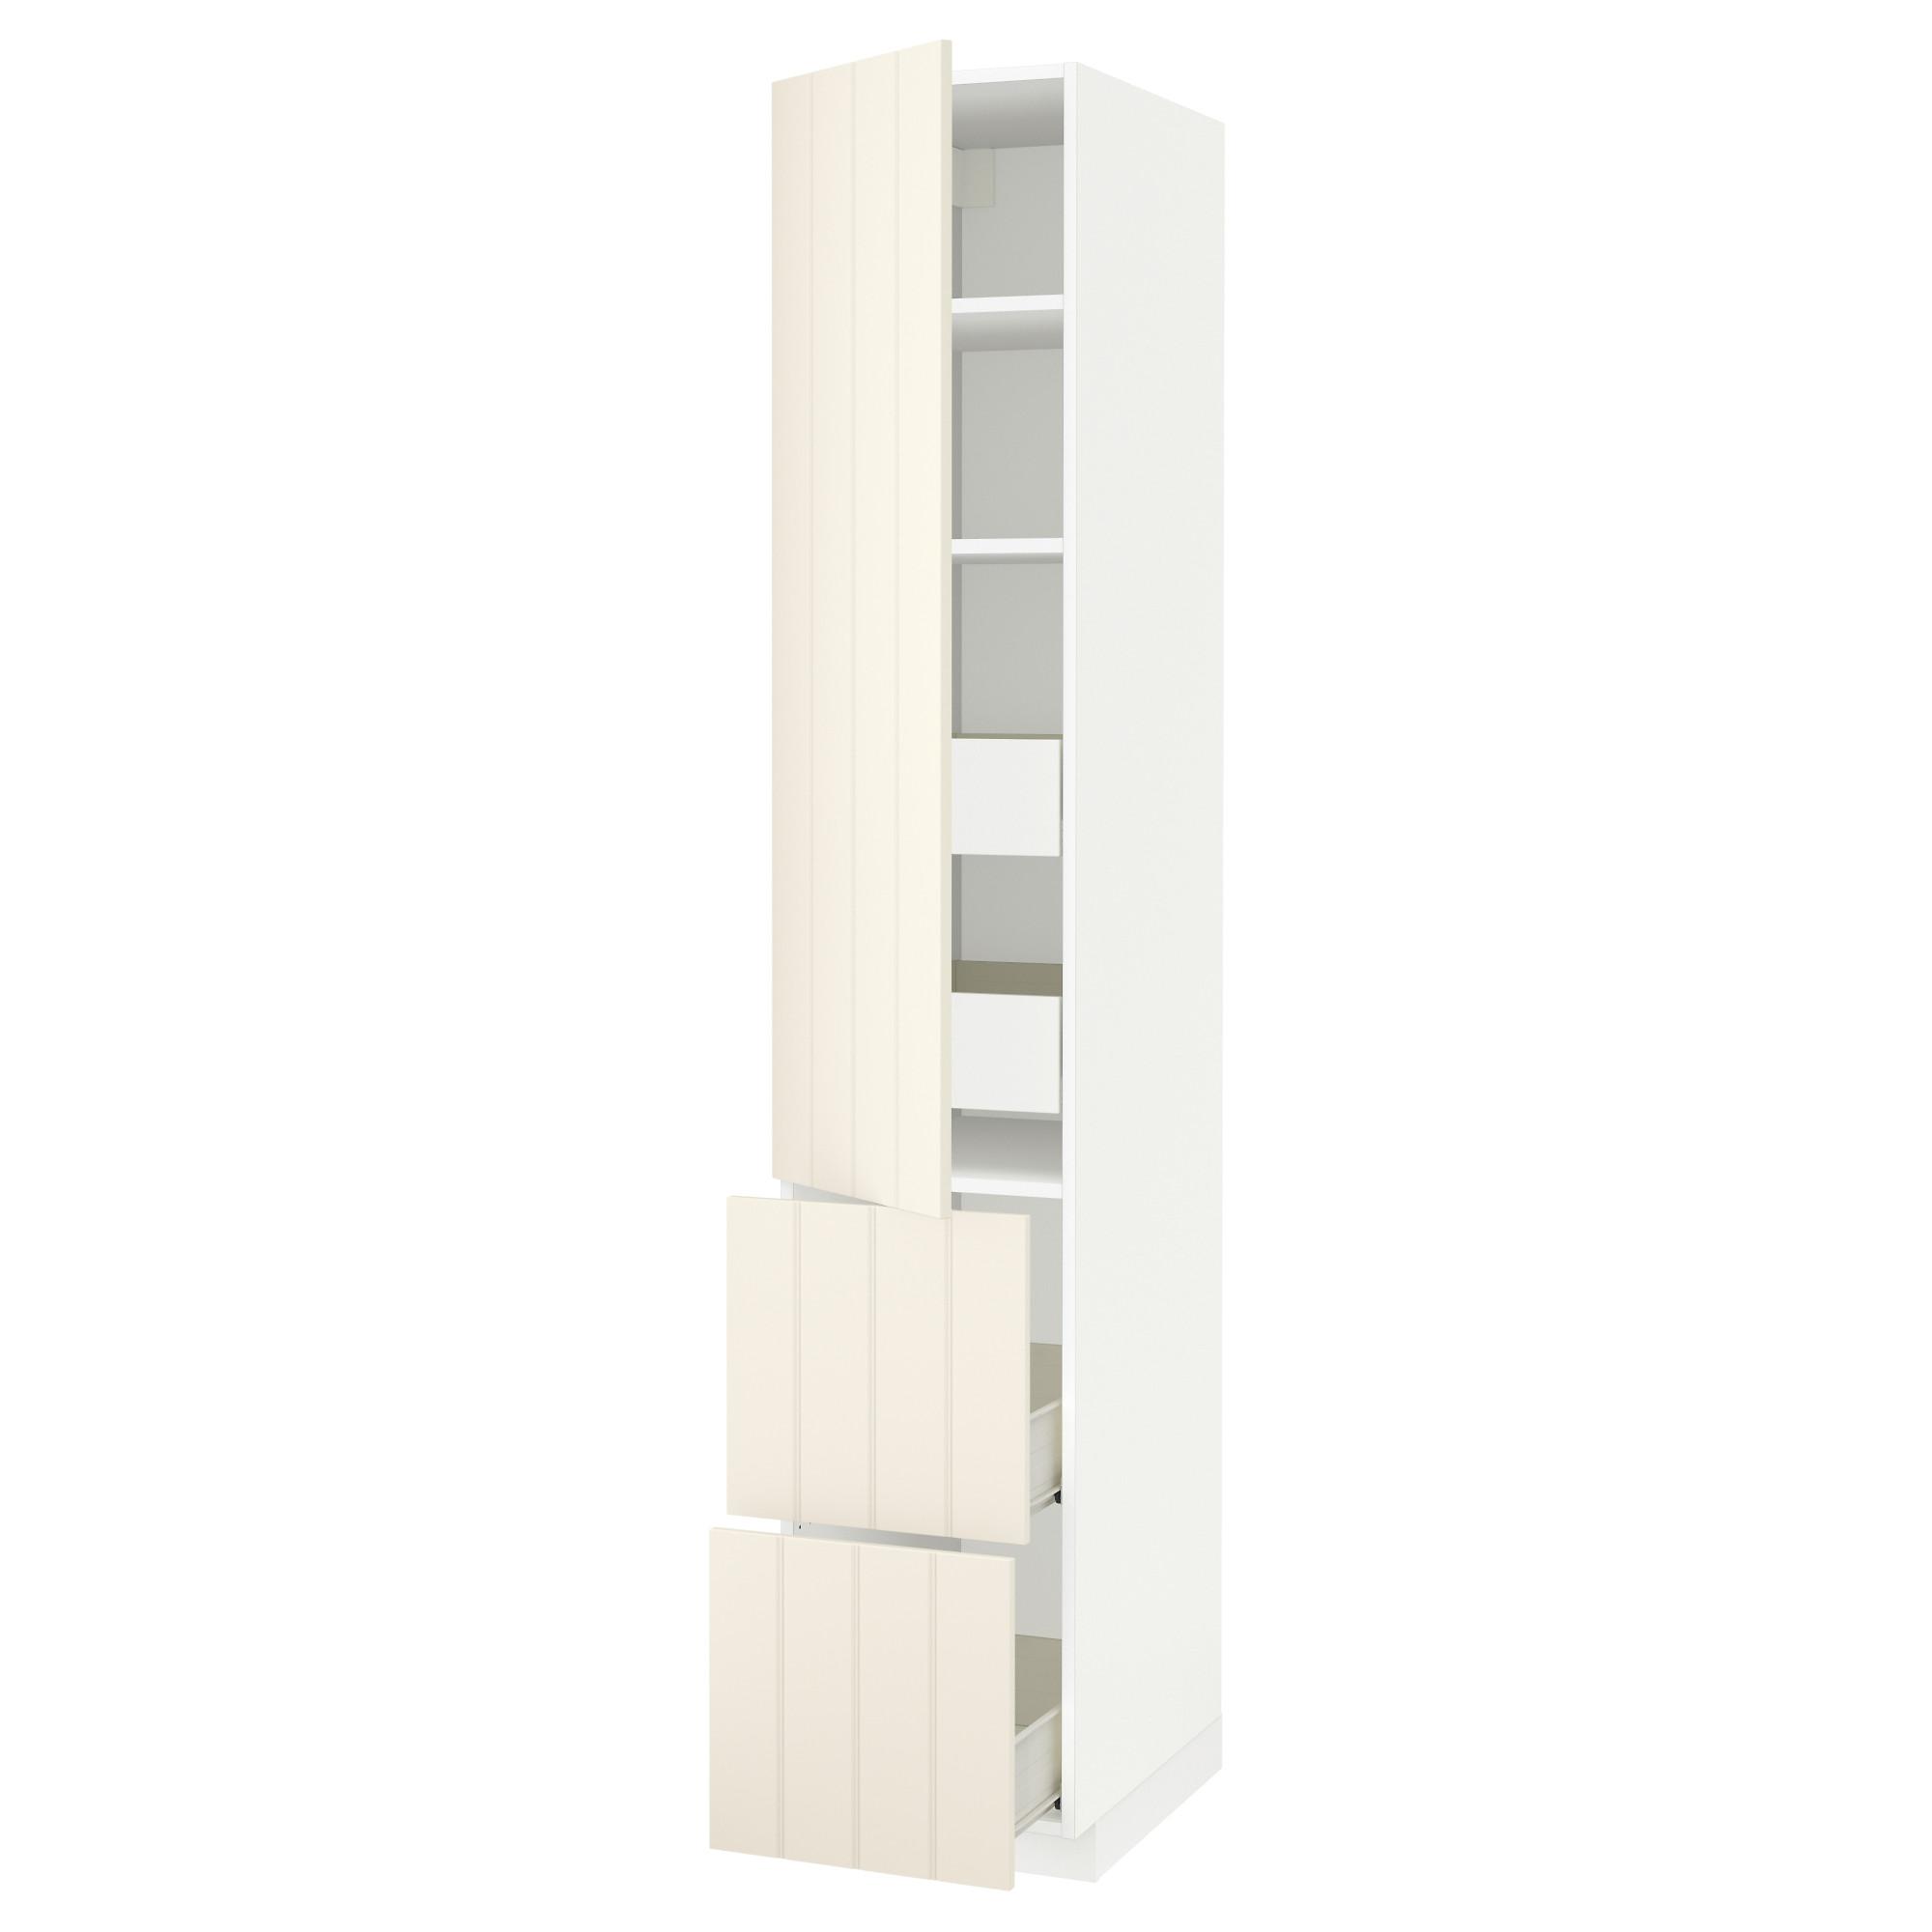 Высокий шкаф + полки, 4 ящика, 2 дверцы МЕТОД / ФОРВАРА белый артикуль № 492.619.39 в наличии. Интернет магазин IKEA Беларусь. Быстрая доставка и монтаж.